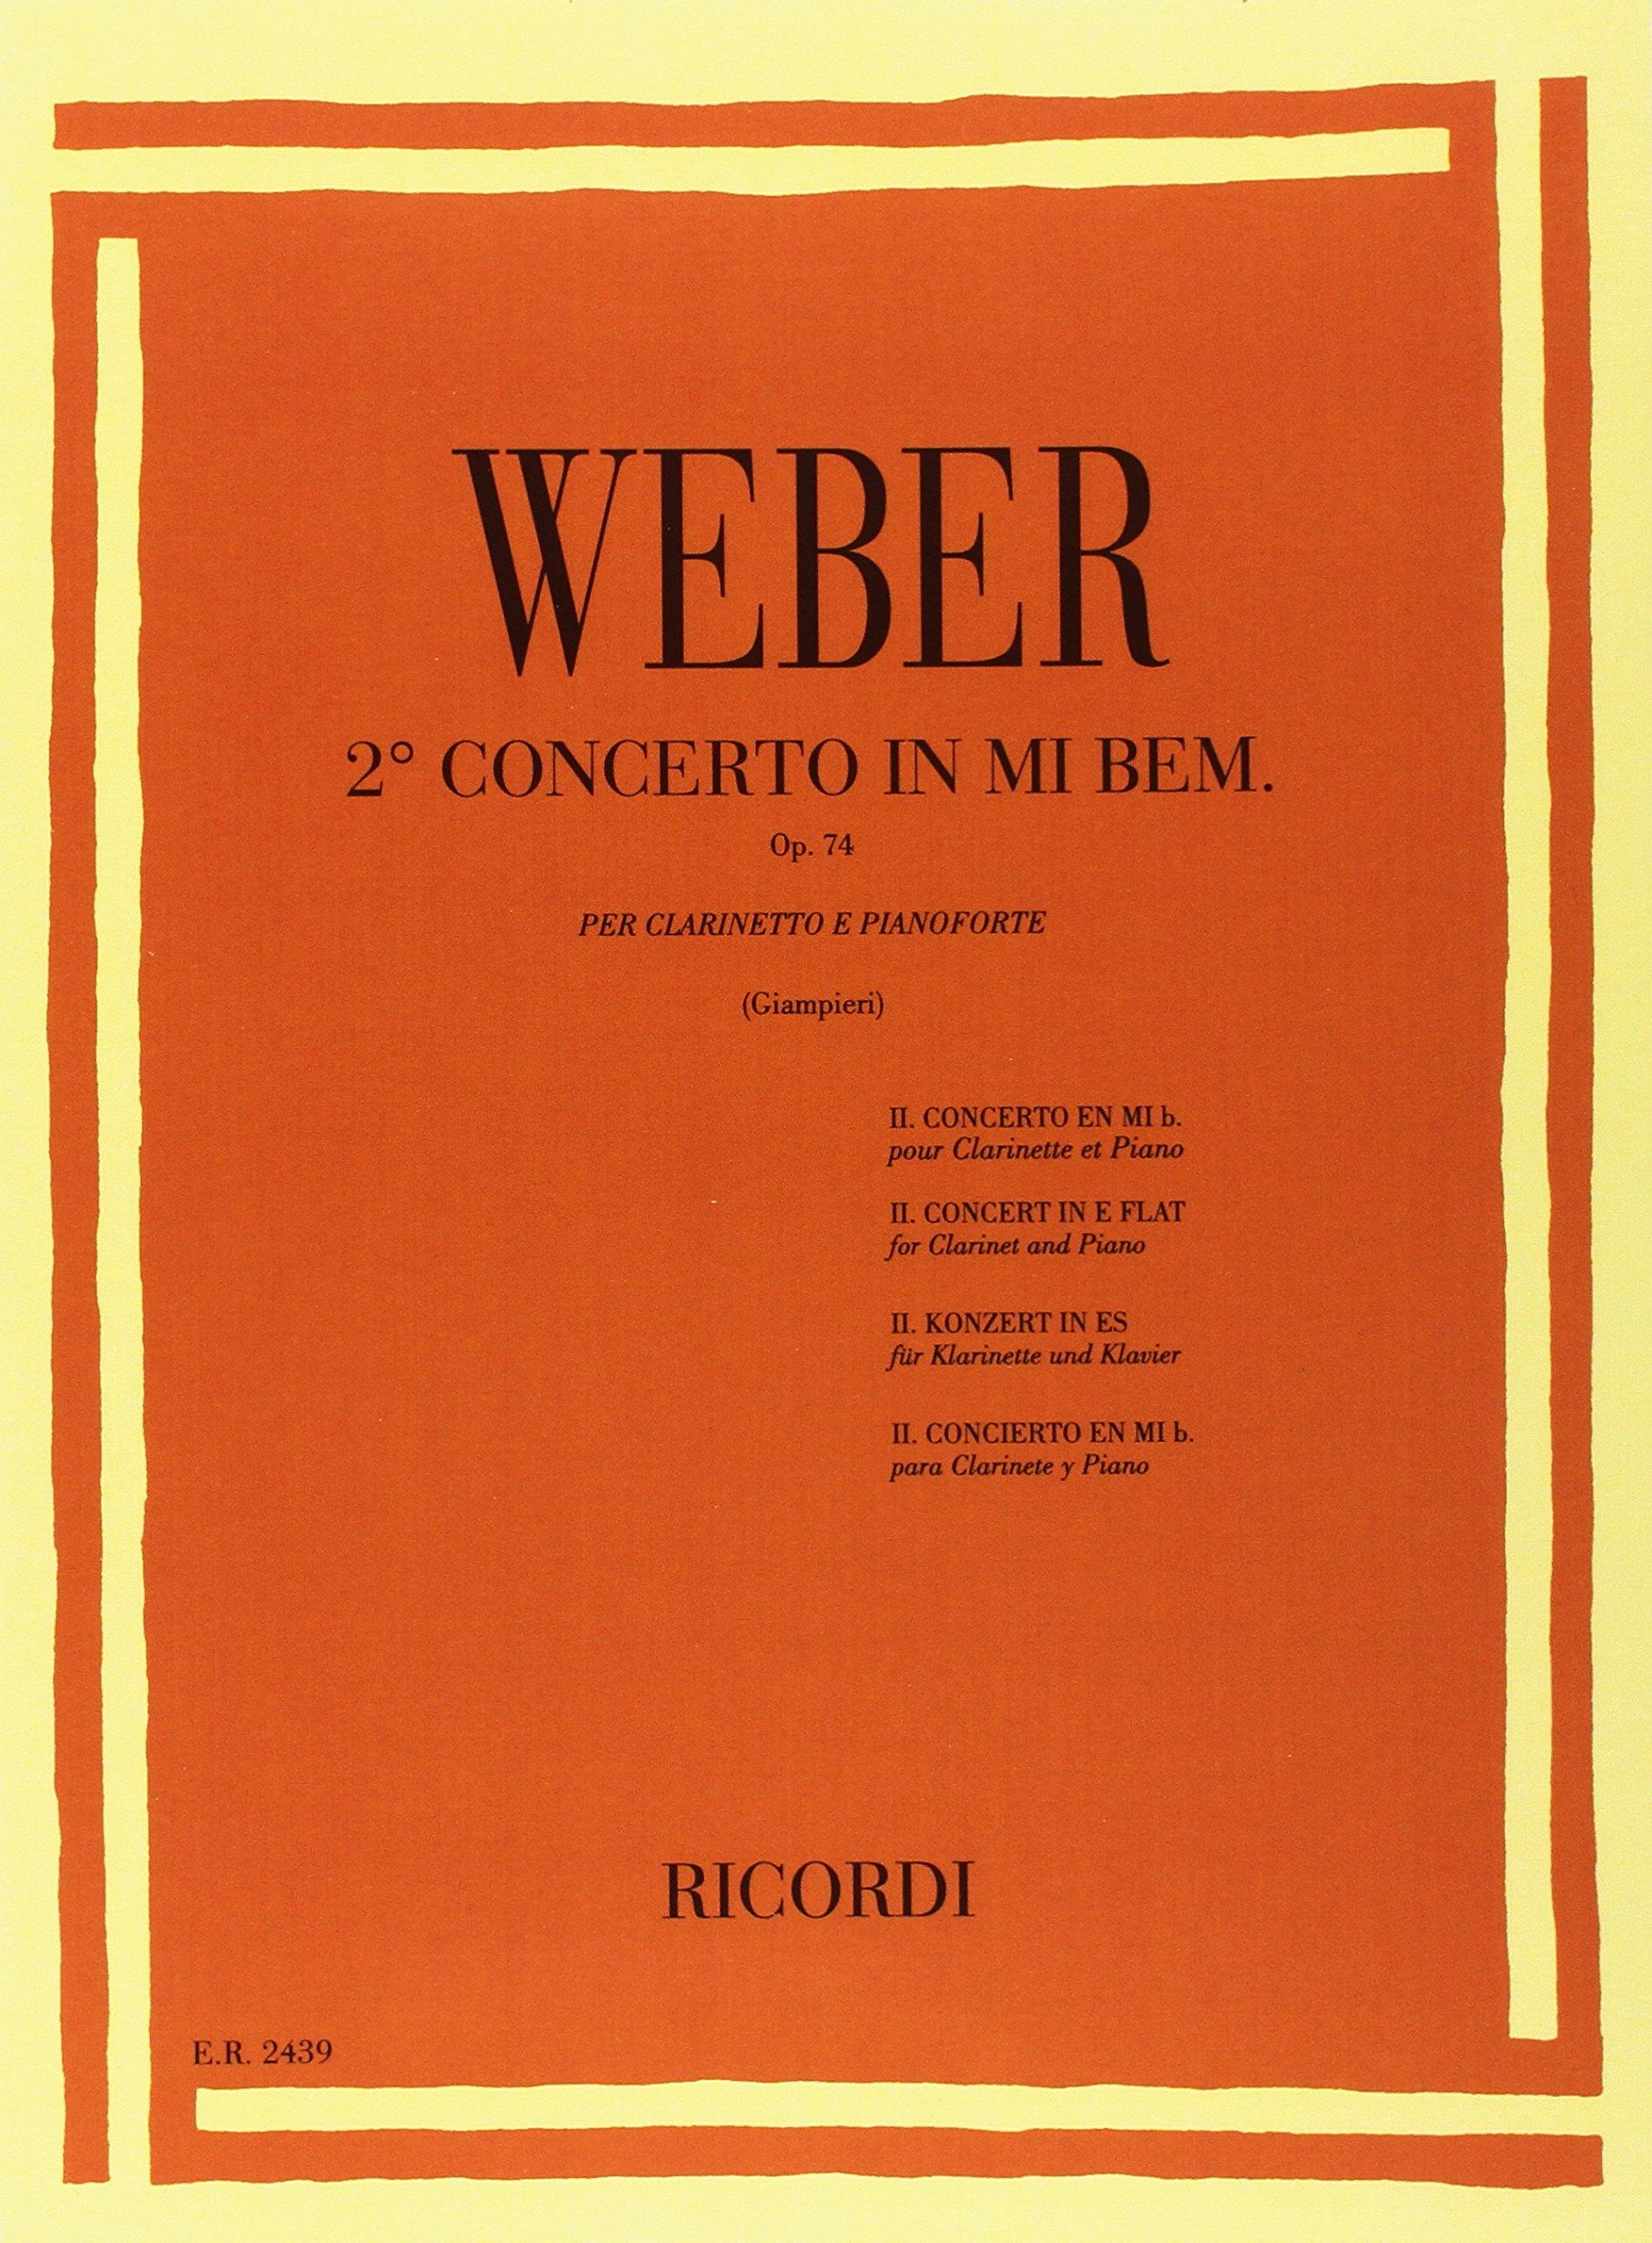 Concerto N. 2 In Mi Bem. Op. 74 Per Clarinetto E Orchestra - Riduzione Per Clarinetto E Pianoforte (Francese) Copertina flessibile – 1 gen 1984 Carl Maria von Weber Ricordi 0041824393 Musique